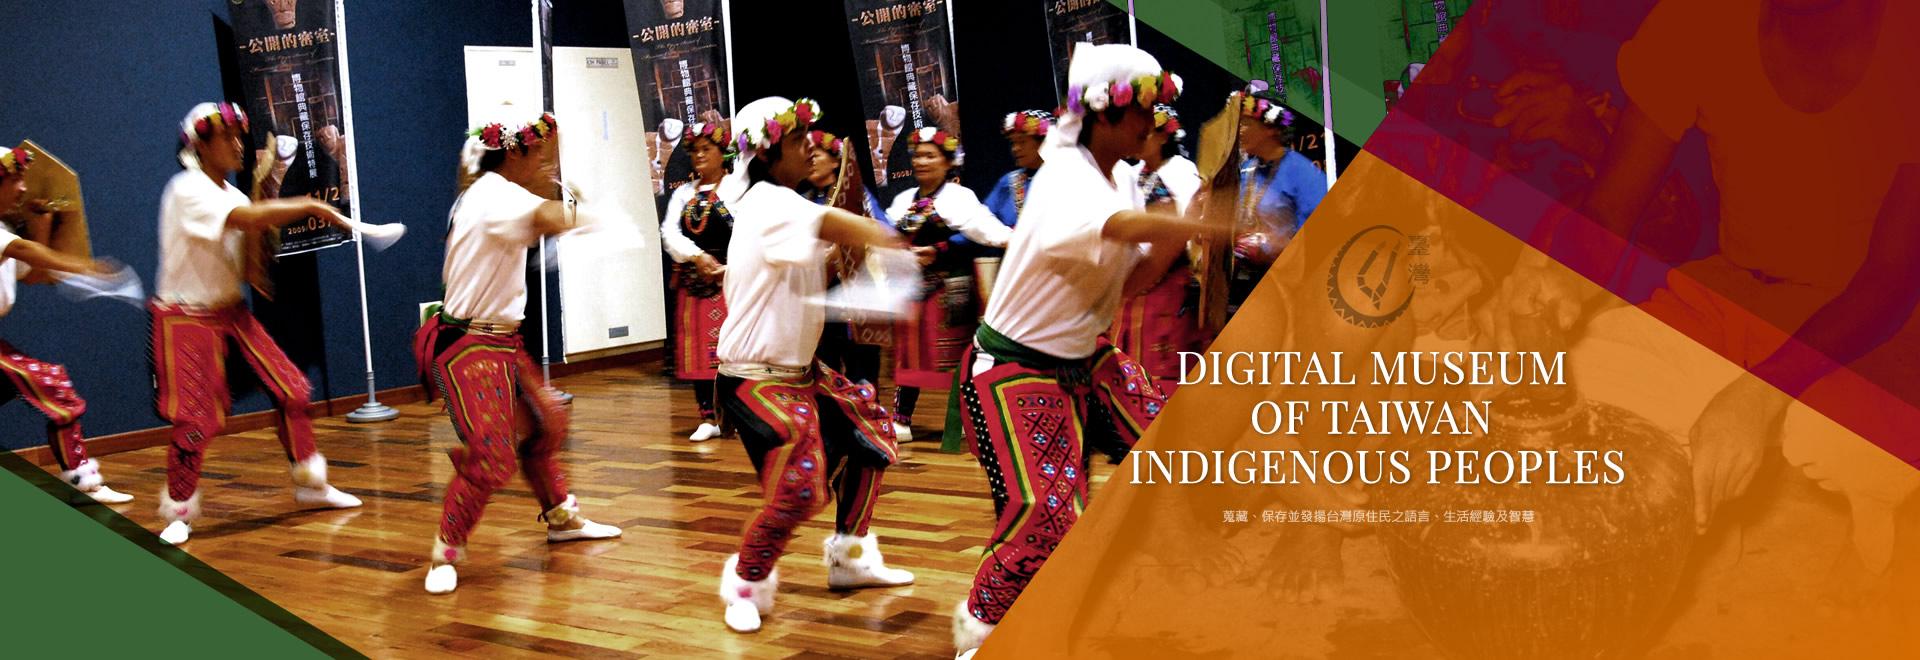 臺灣原住民文化祭典